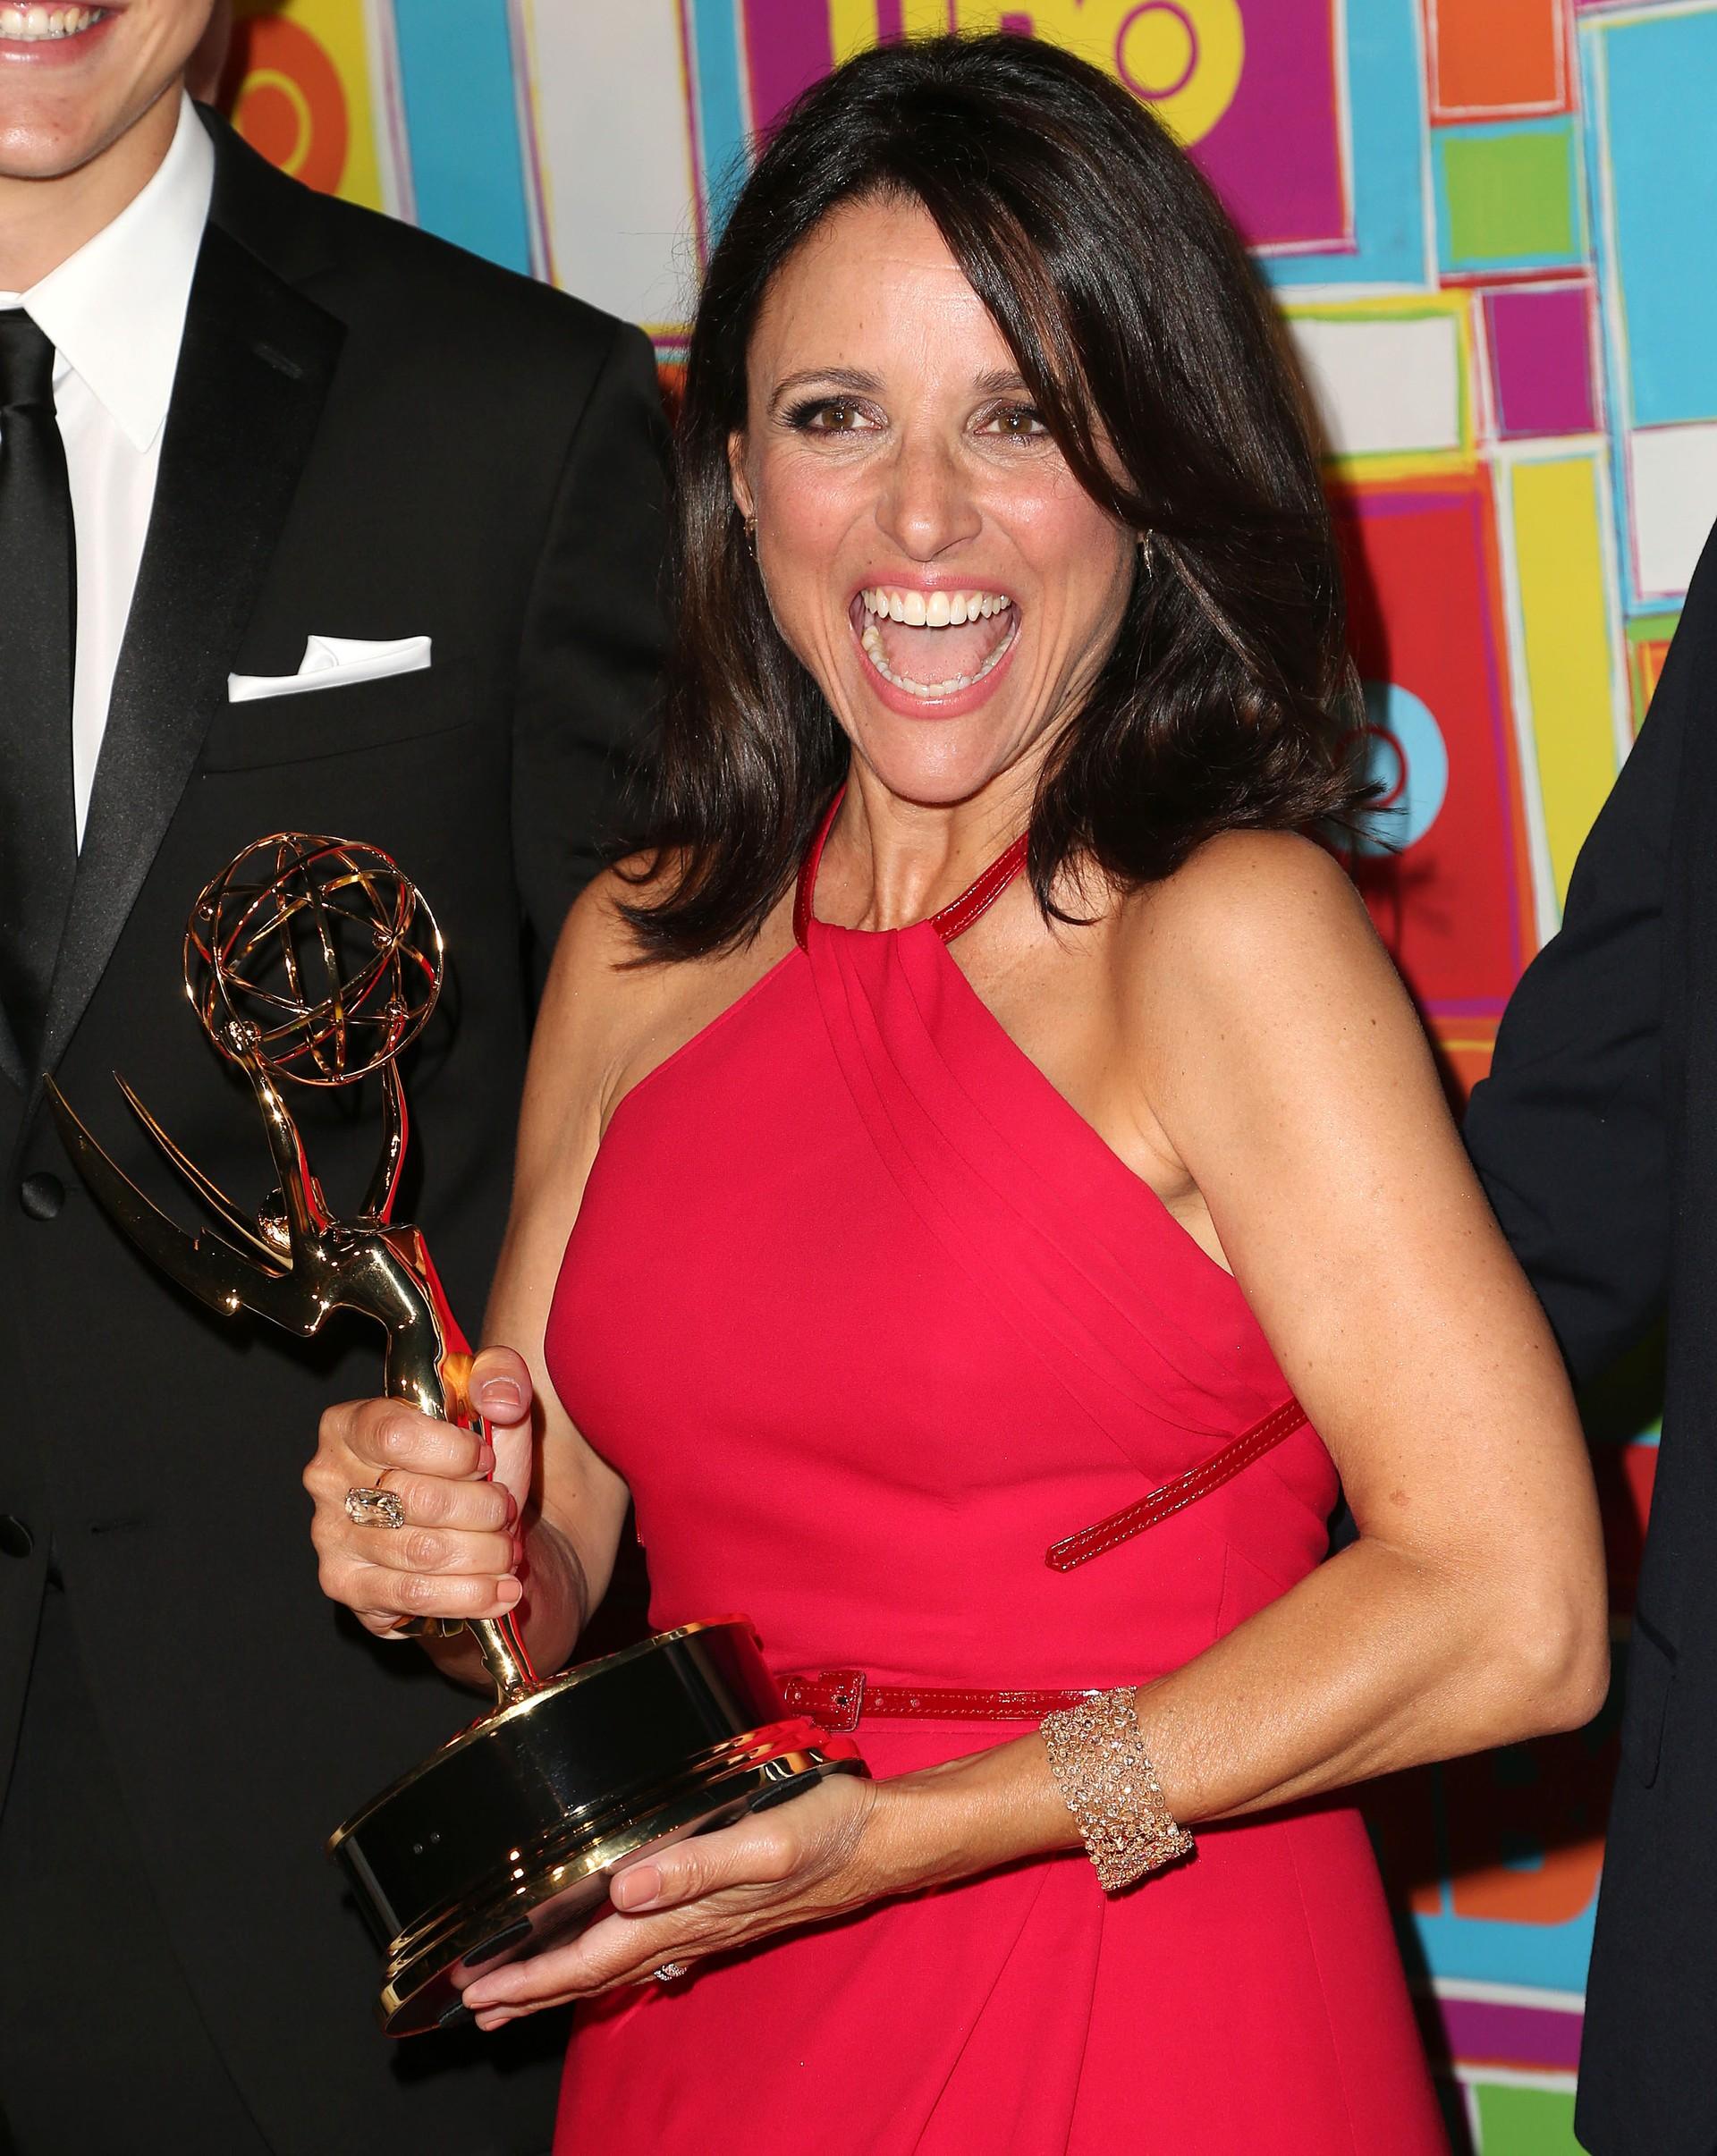 A protagonista de 'Veep' e ganhadora do Emmy de Melhor Atriz Coadjuvante por 'Seinfeld' é a herdeira da fortuna do grupo Louis Dreyfus, empresa envolvida com petróleo, agricultura, energia e commodities. (Foto: Getty Images)